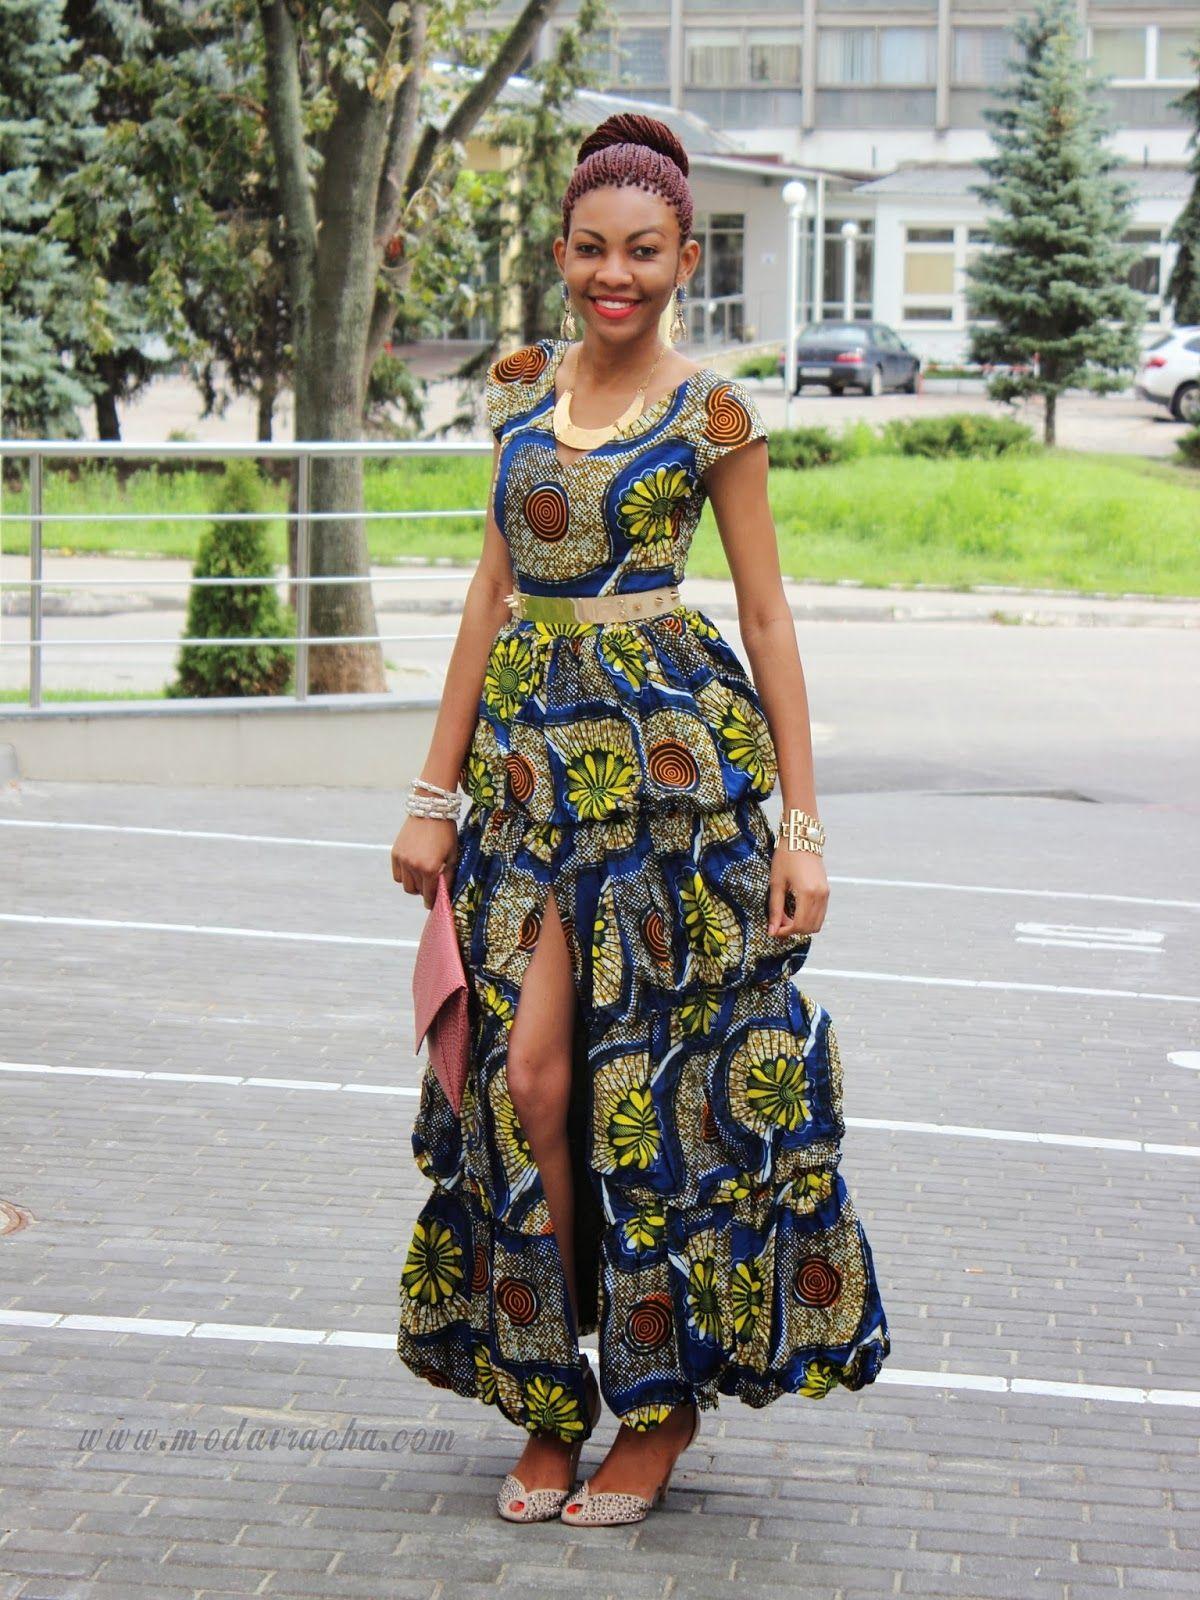 New modern dress styles - Long Ankara Dress With Front Slit Modern African Dress